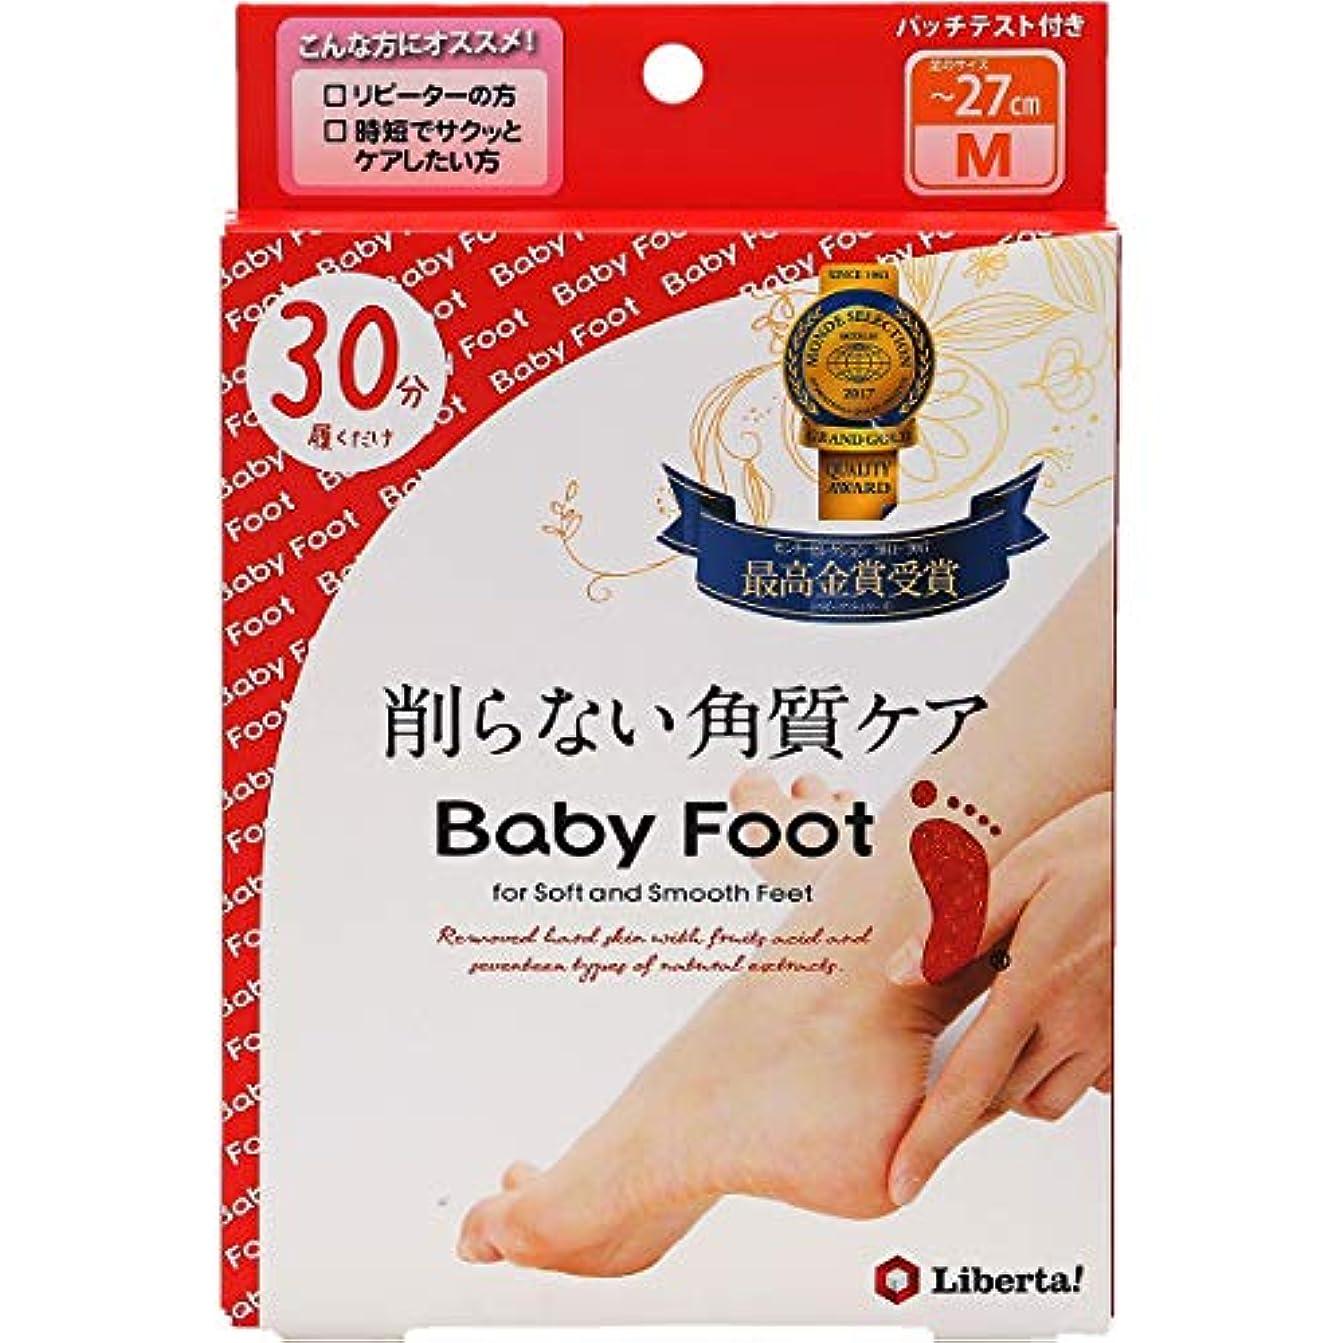 評価消毒する著作権ベビーフット (Baby Foot) ベビーフット イージーパック30分タイプ Mサイズ 単品